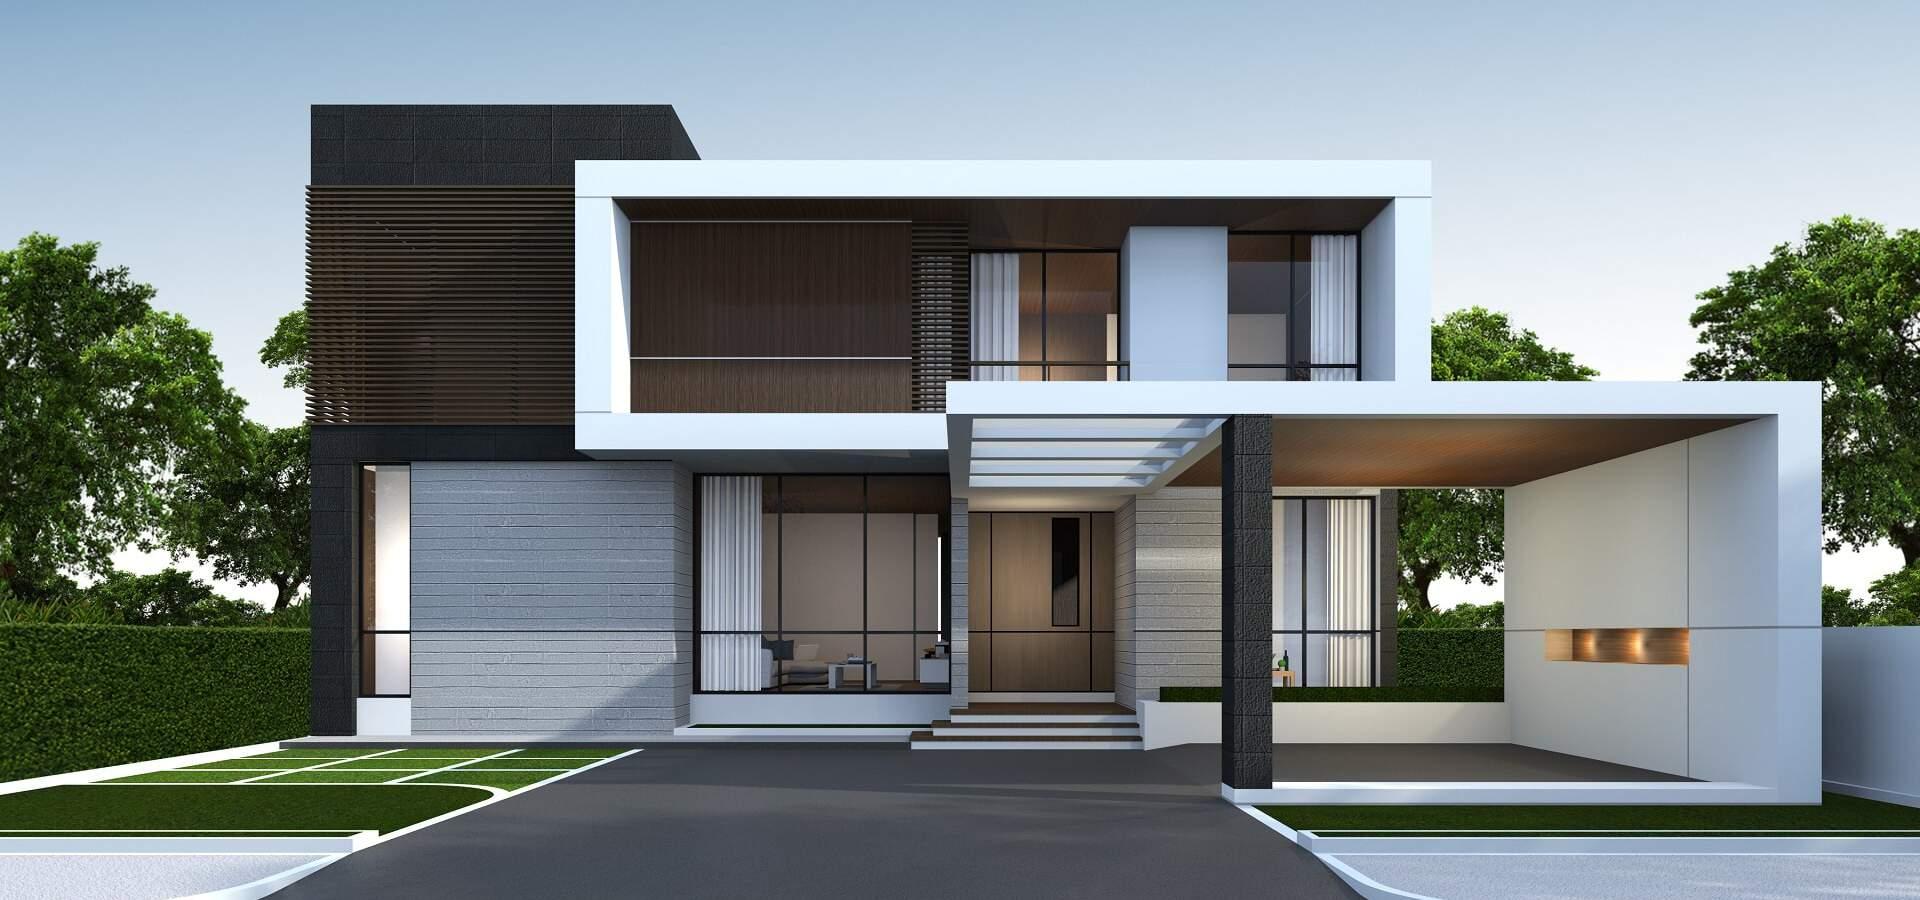 Projekt moderního ekologického rodinného domu